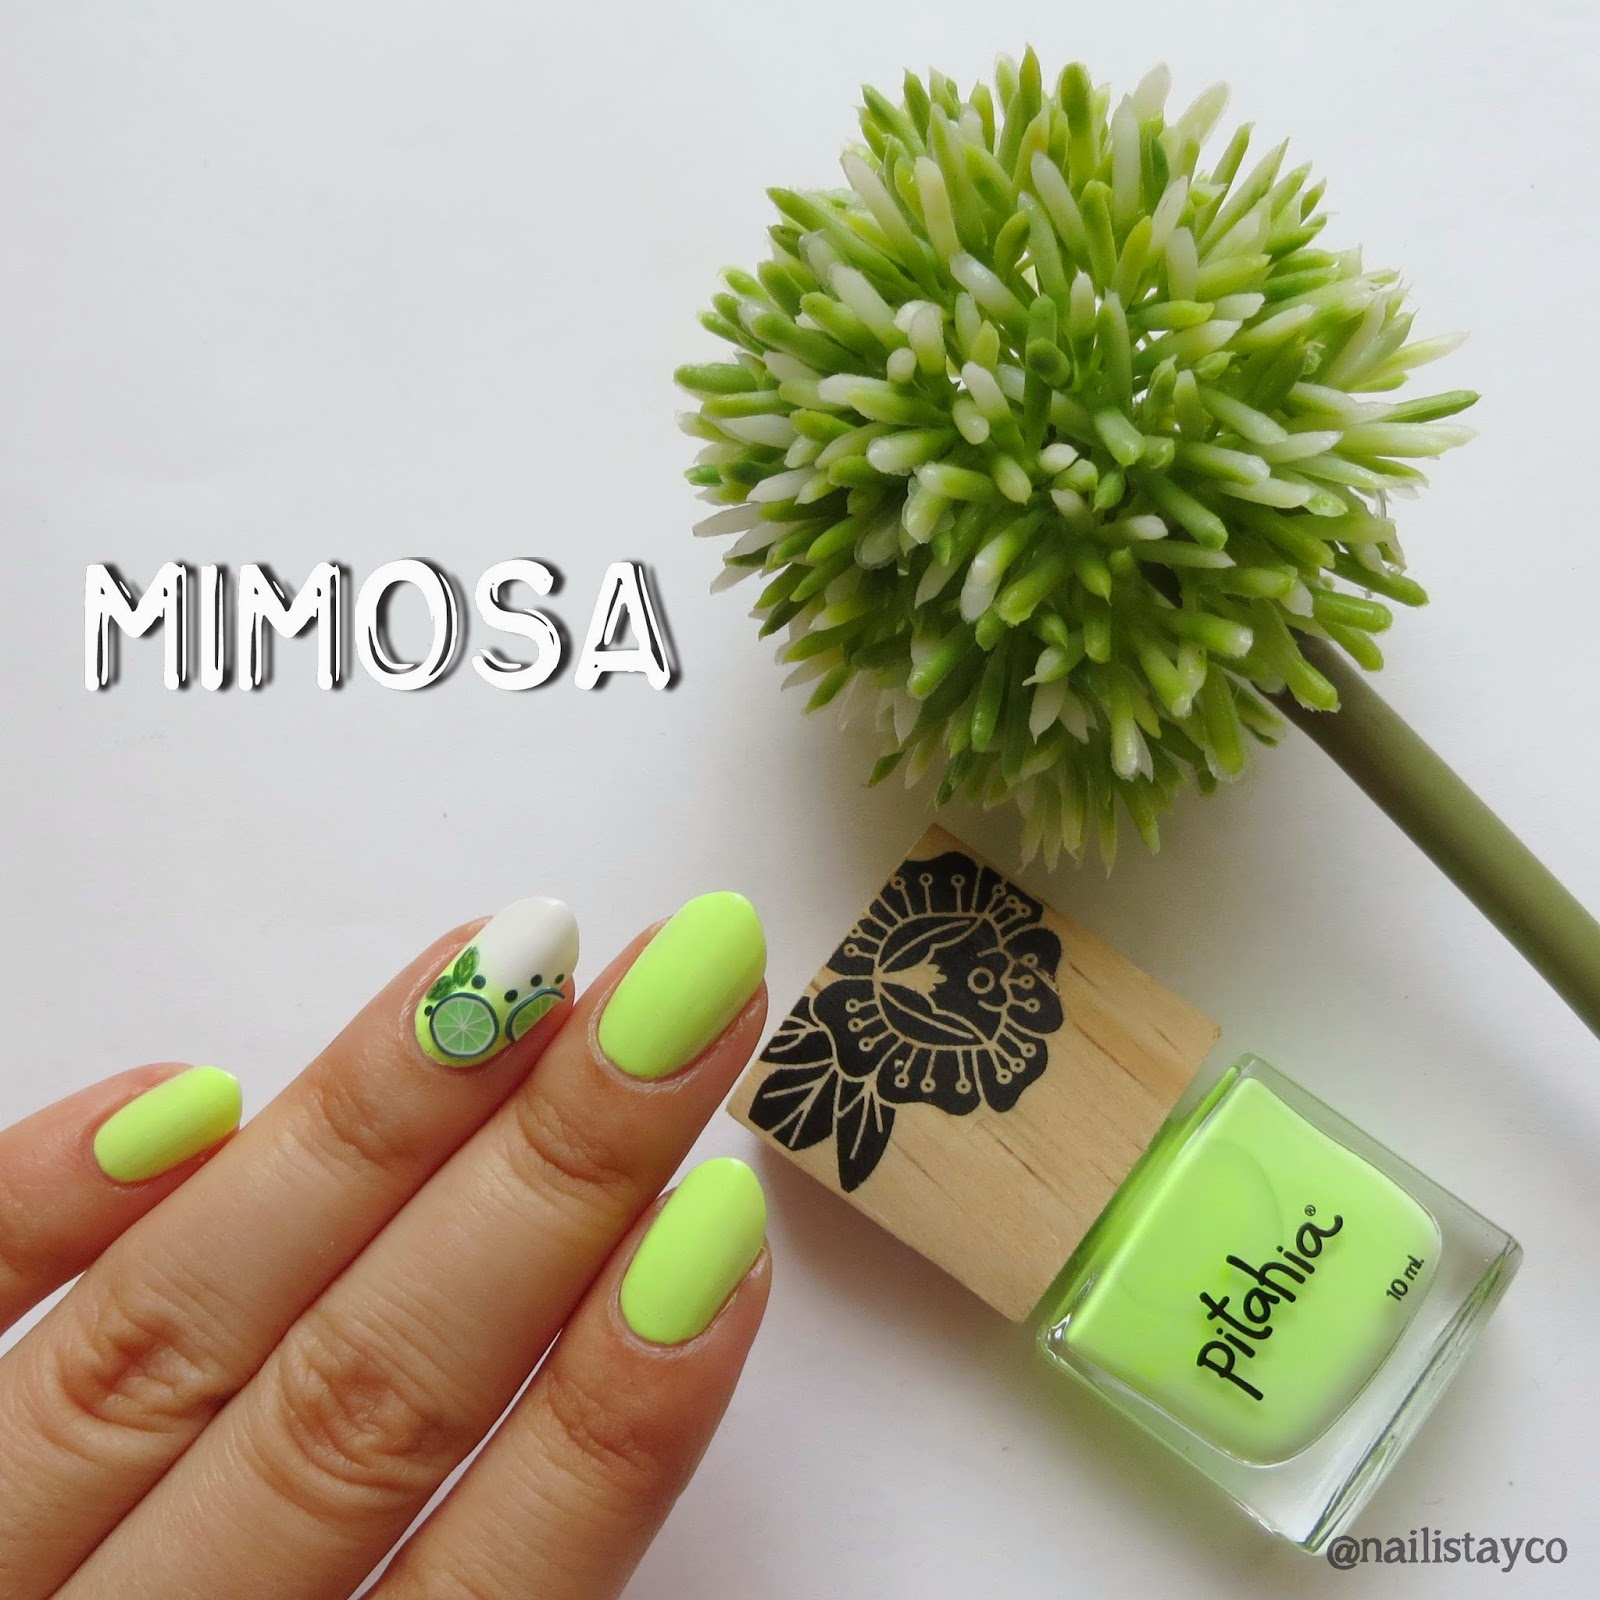 Nailista y co.: Mimosa de Pitahia